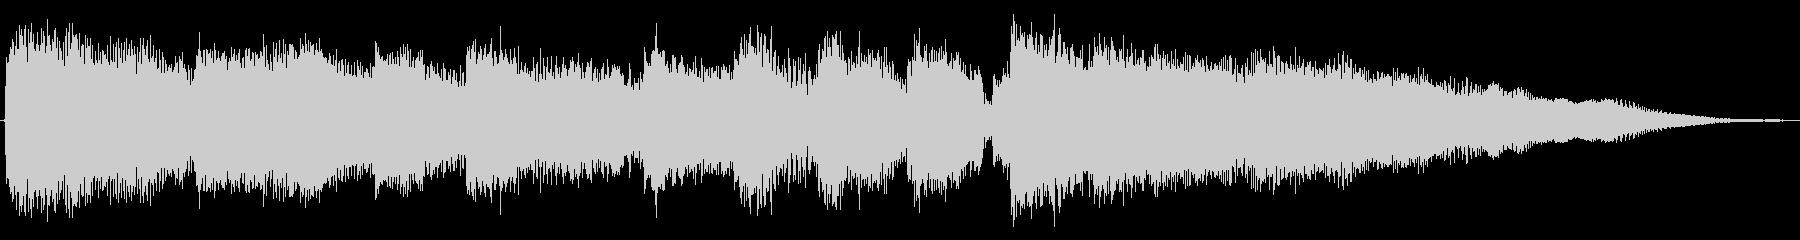 場面転換を想定したエレキギターのジングルの未再生の波形